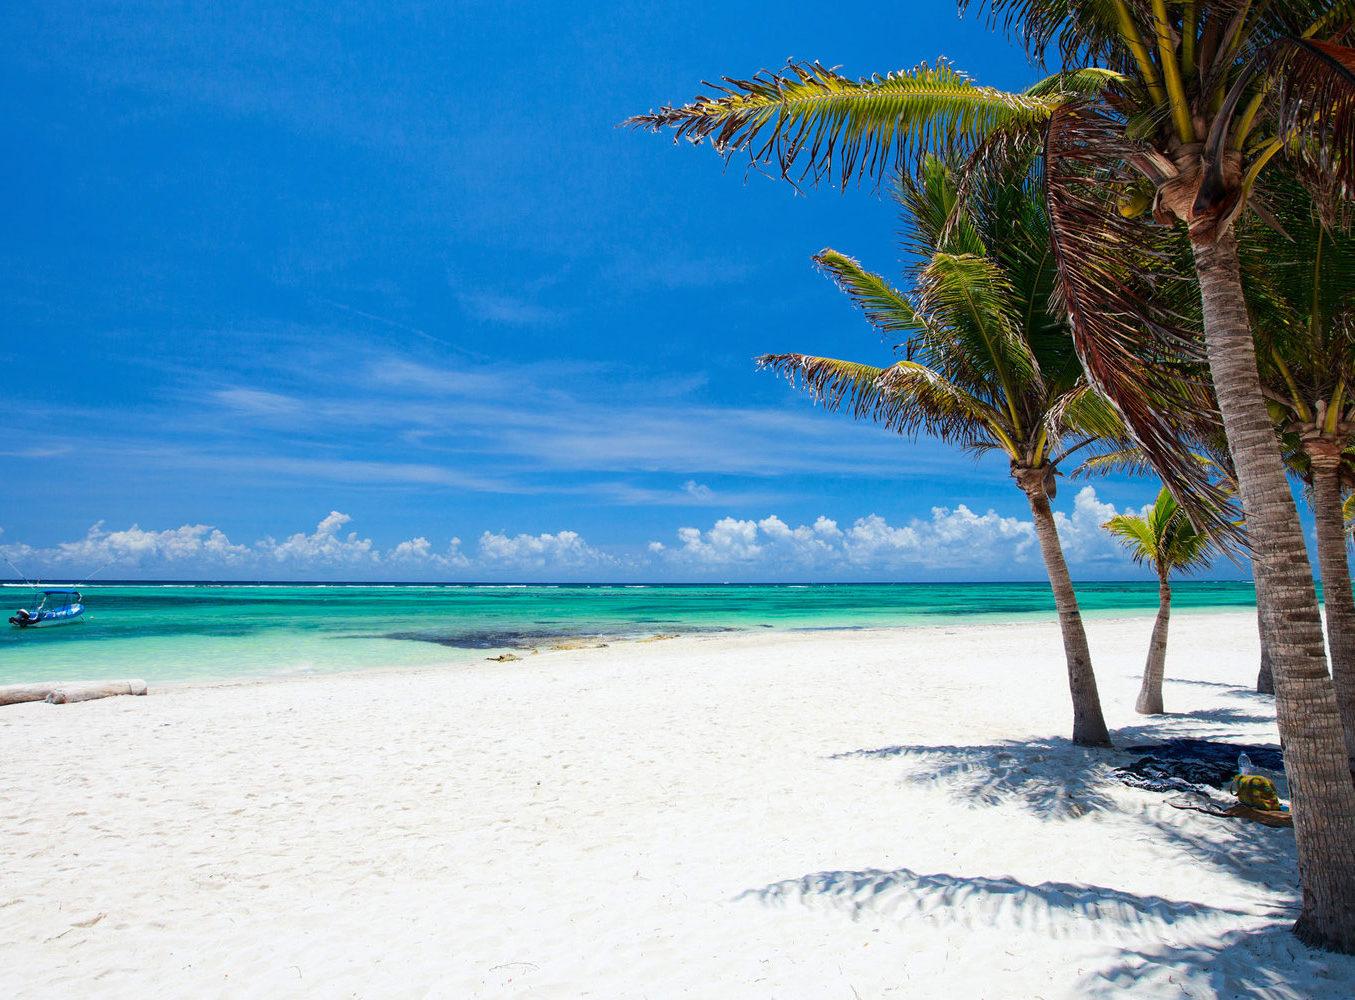 Мальдивы закрыли границы для богатых туристов из Южной Азии